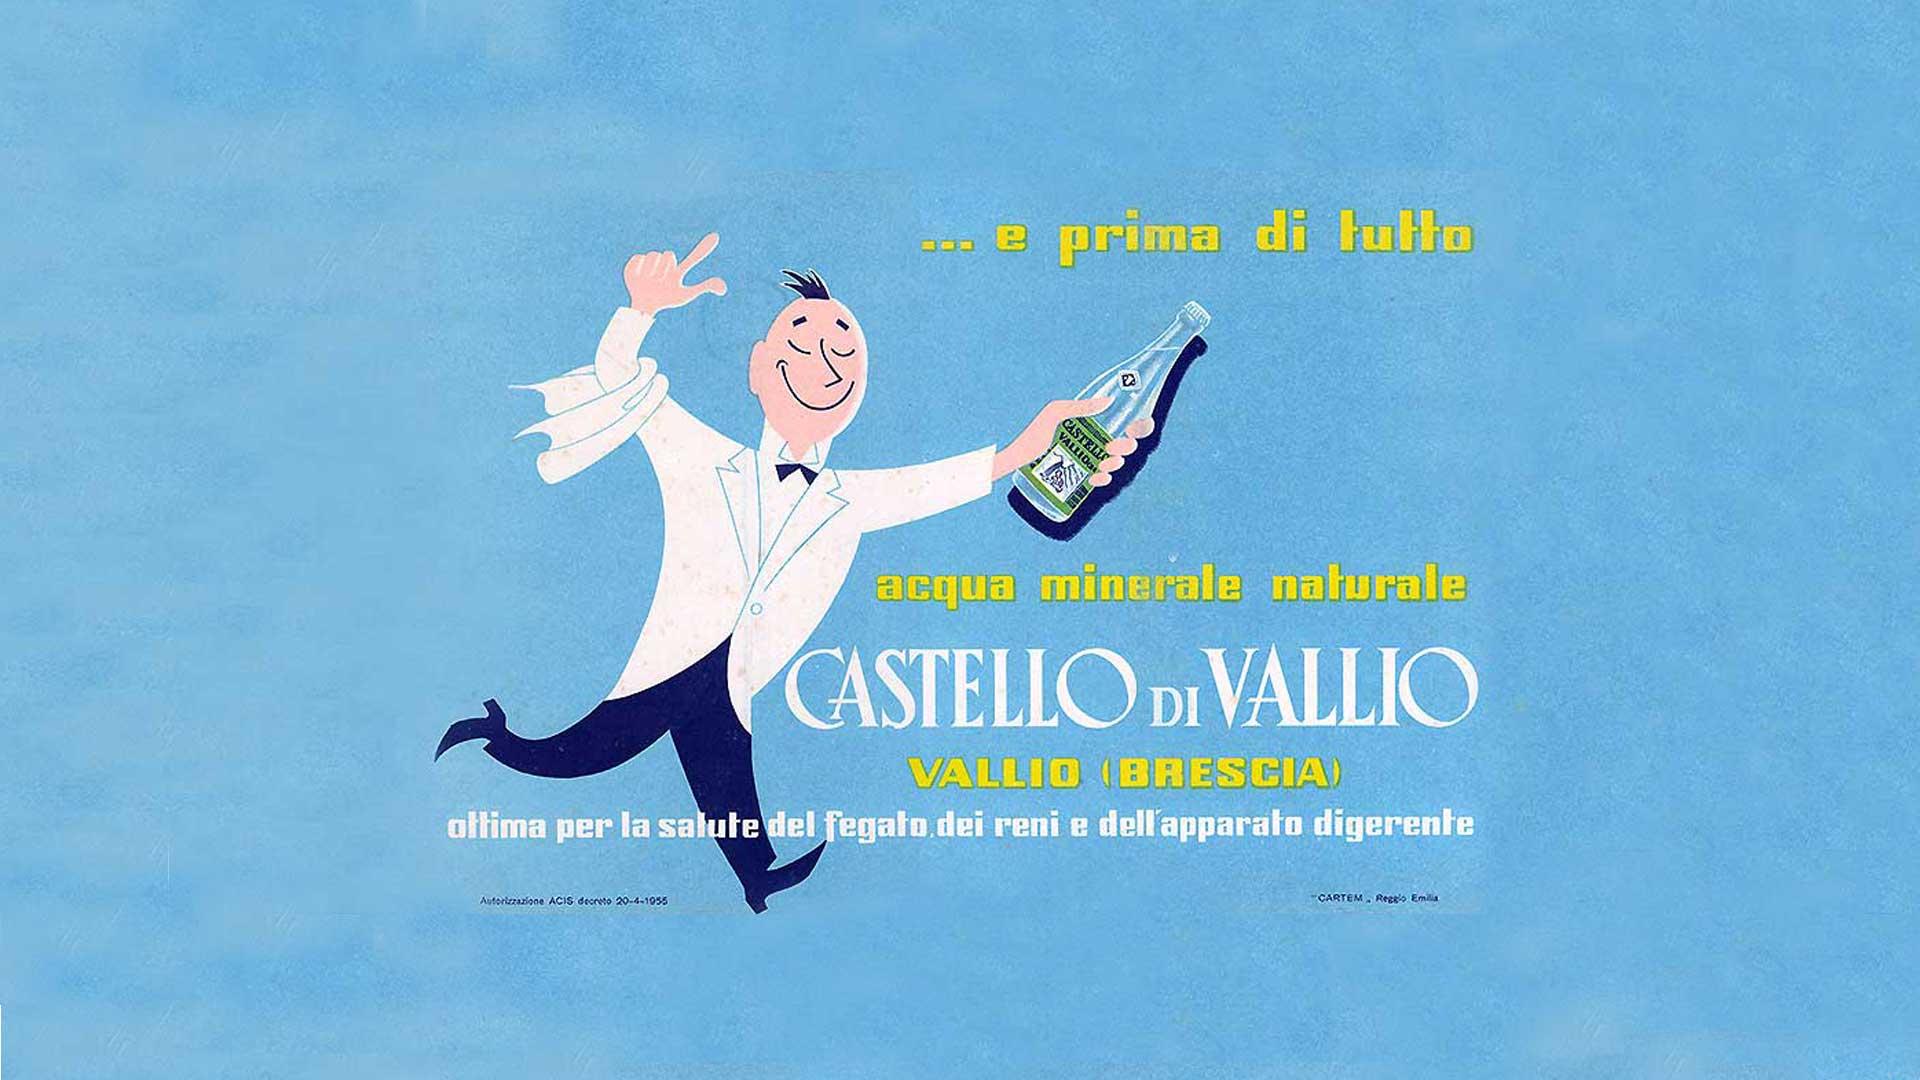 prima pubblicità acqua castello